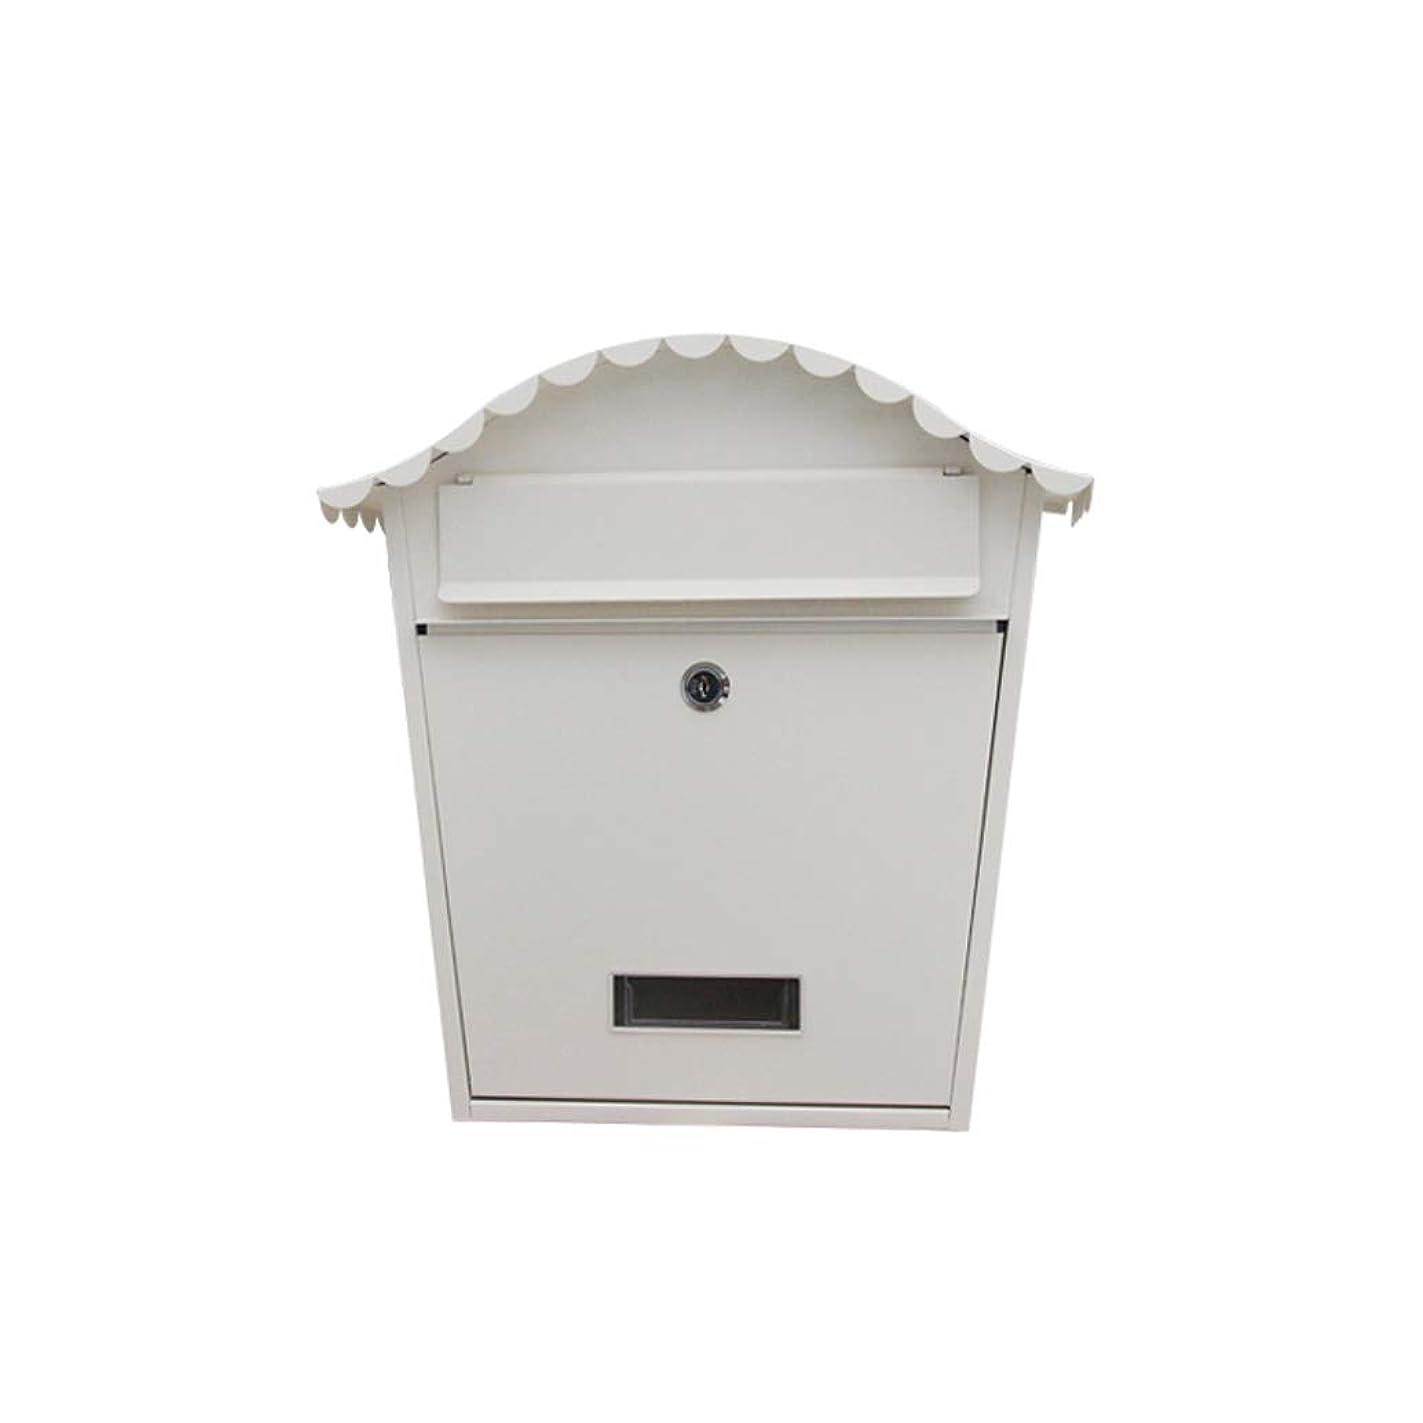 識別礼儀モンゴメリーHZBc ヴィラメールボックス屋外の郵便箱ヨーロッパの吊り壁屋外防水新聞ボックス、壁の装飾、シャンウェンホワイト